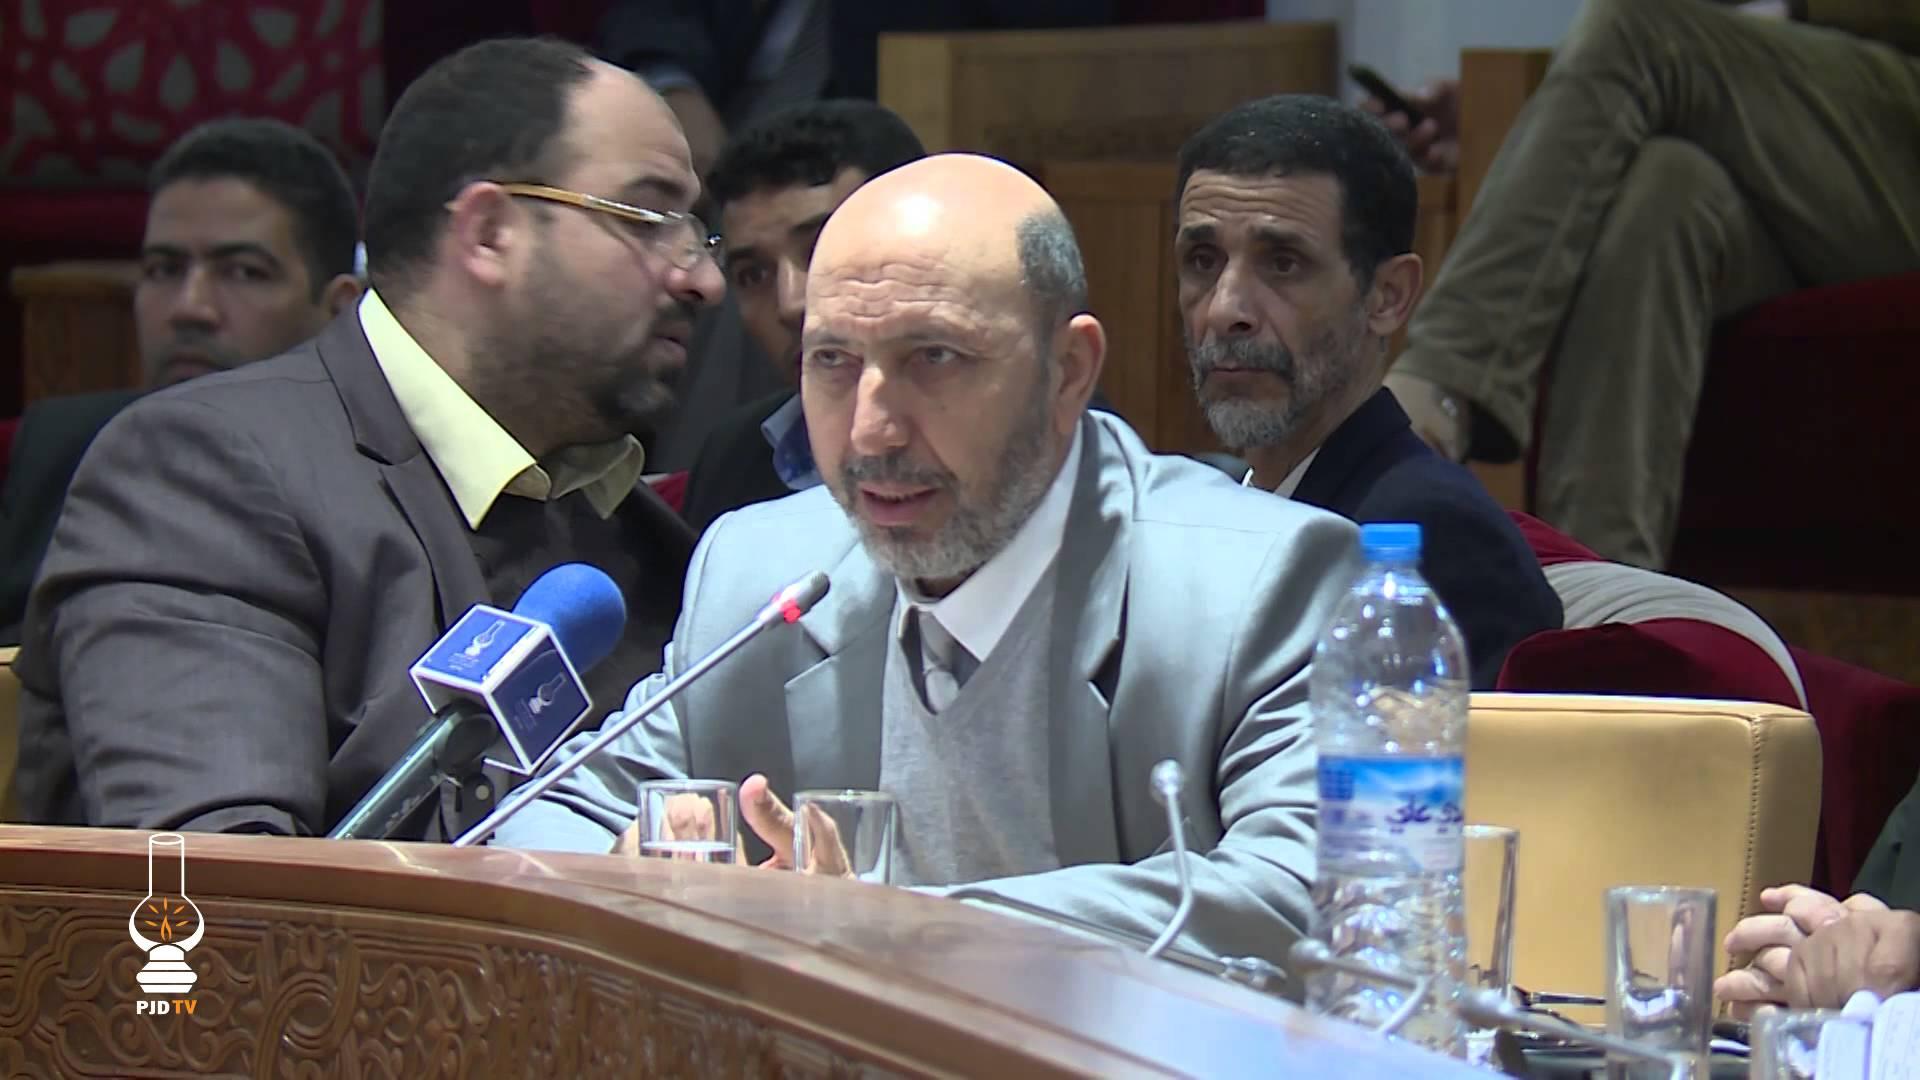 عمدة مراكش يتحدث عن هروبه من شرطة المرور بعد ارتكابه مخالفة